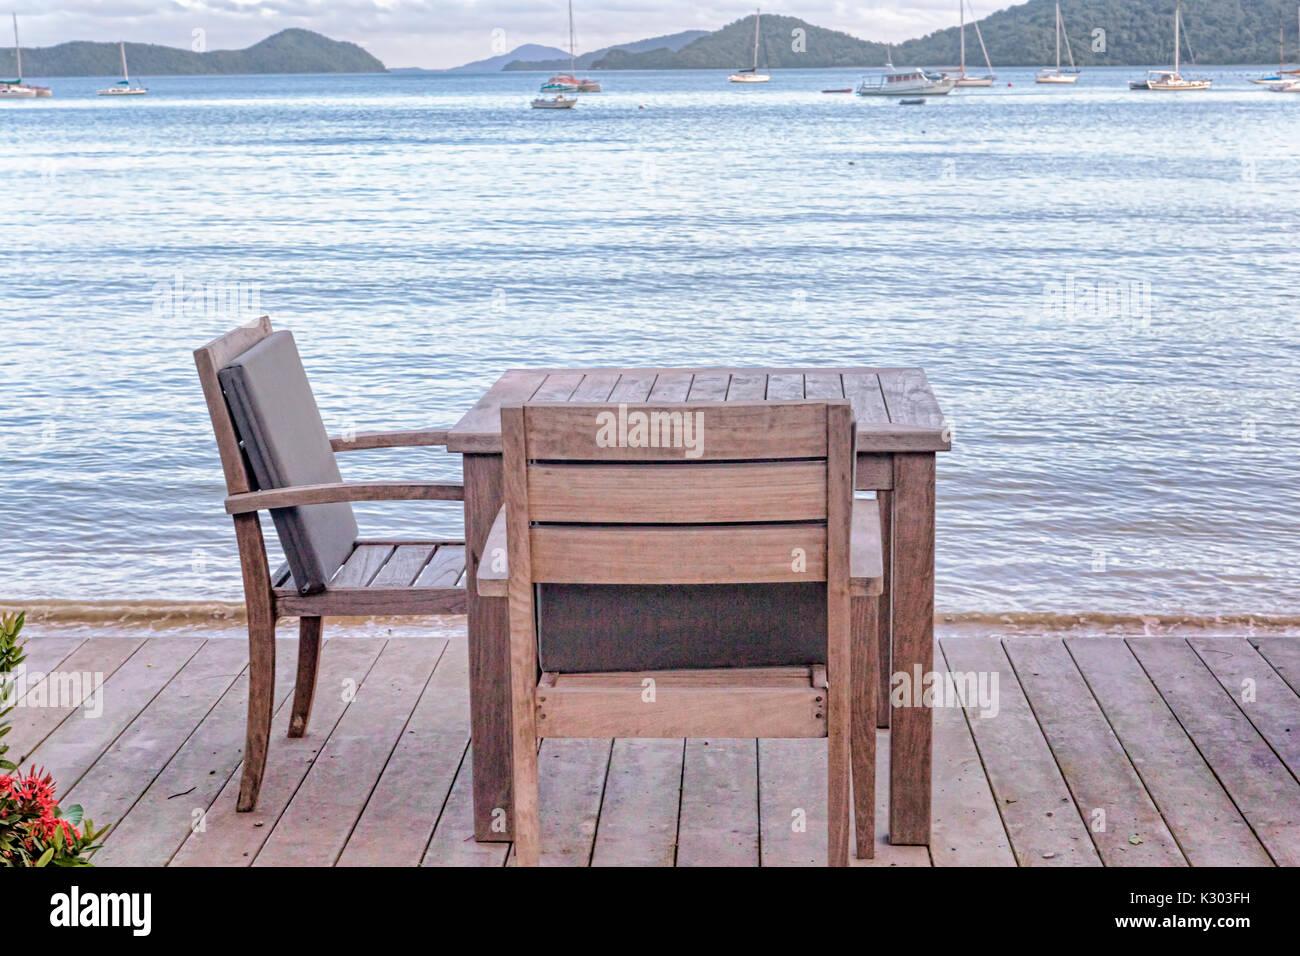 Stock Sedie Di Legno.Tavoli E Sedie In Legno Con Vista Oceano In Thailandia Foto